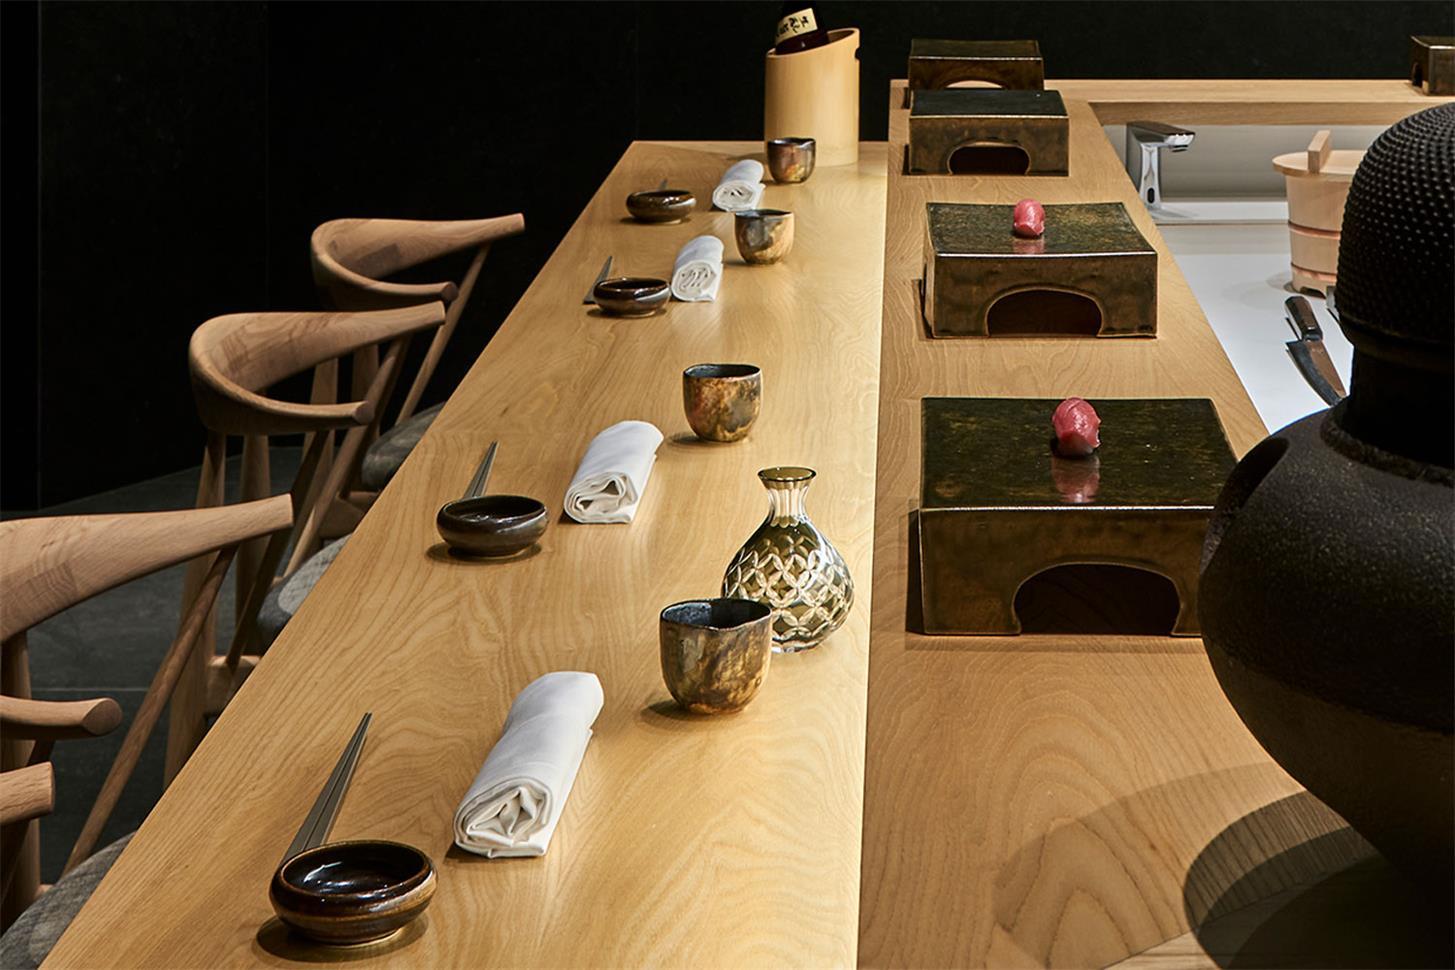 寿司店中央吧台设计细节